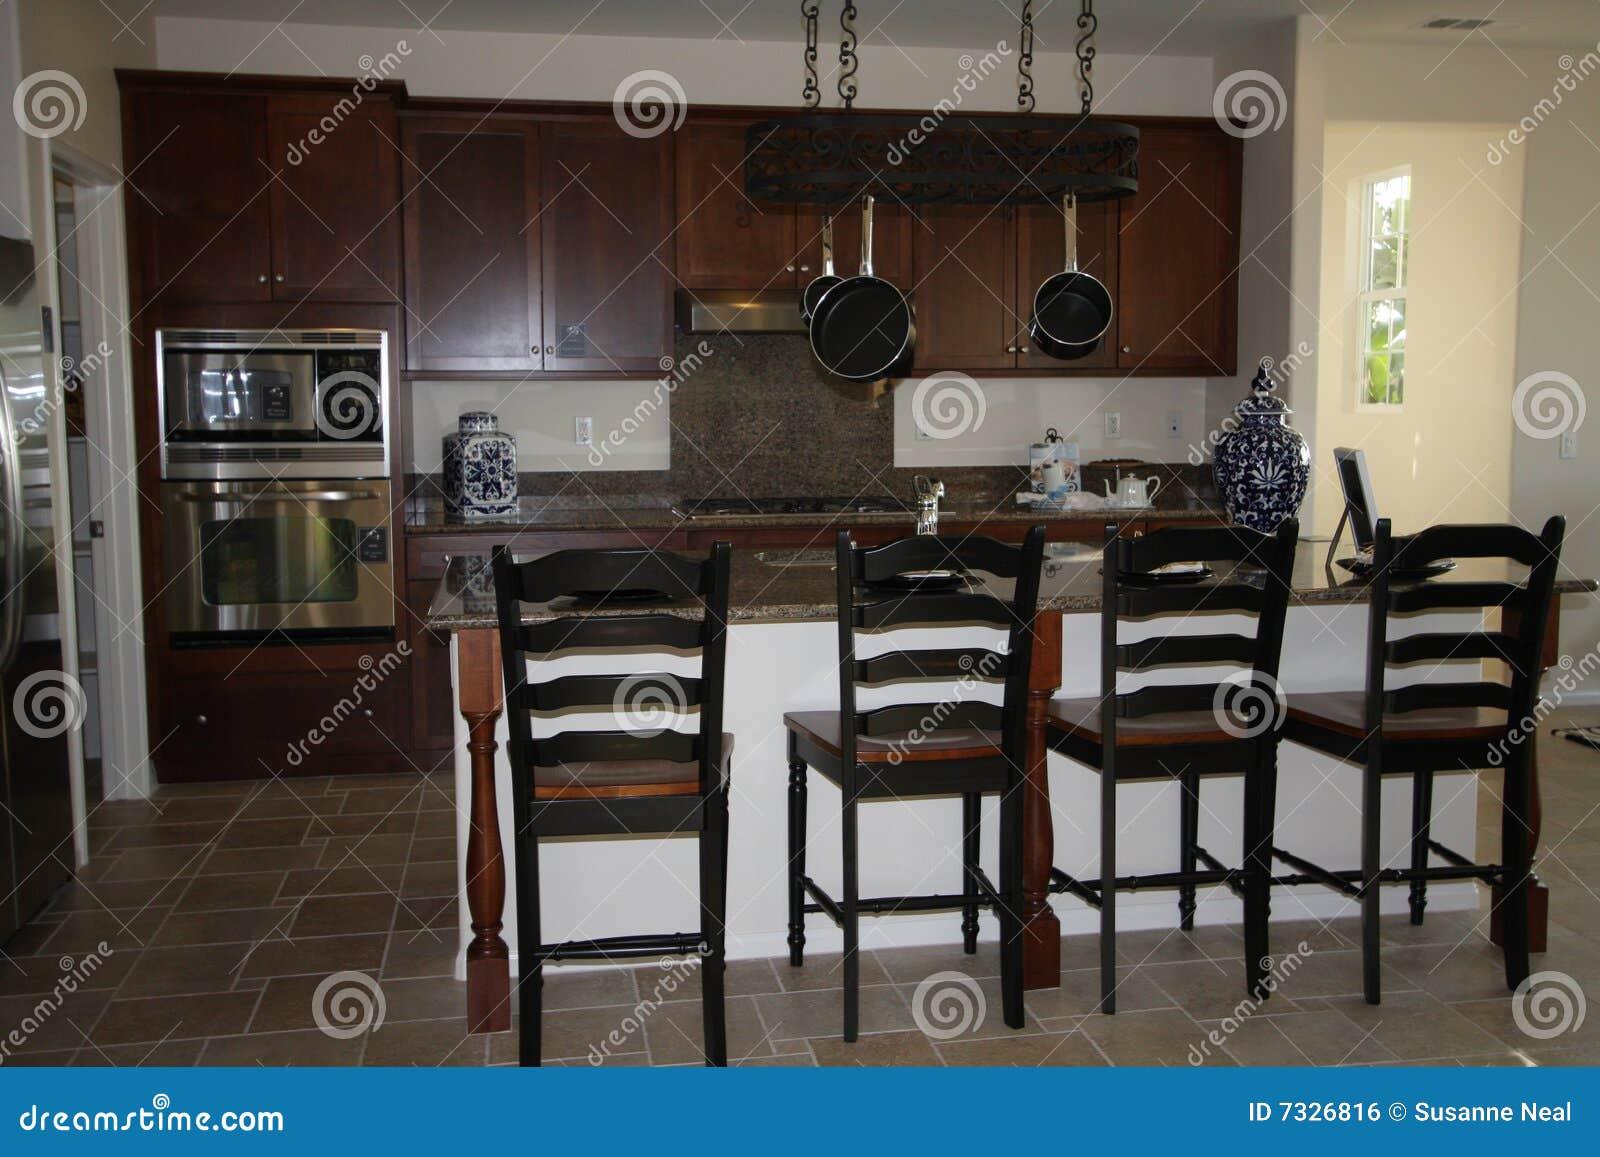 Witte Hoogglans Keuken Schoonmaken : Donkere Moderne Keuken : Moderne Keuken Met Eiland Royalty vrije Stock